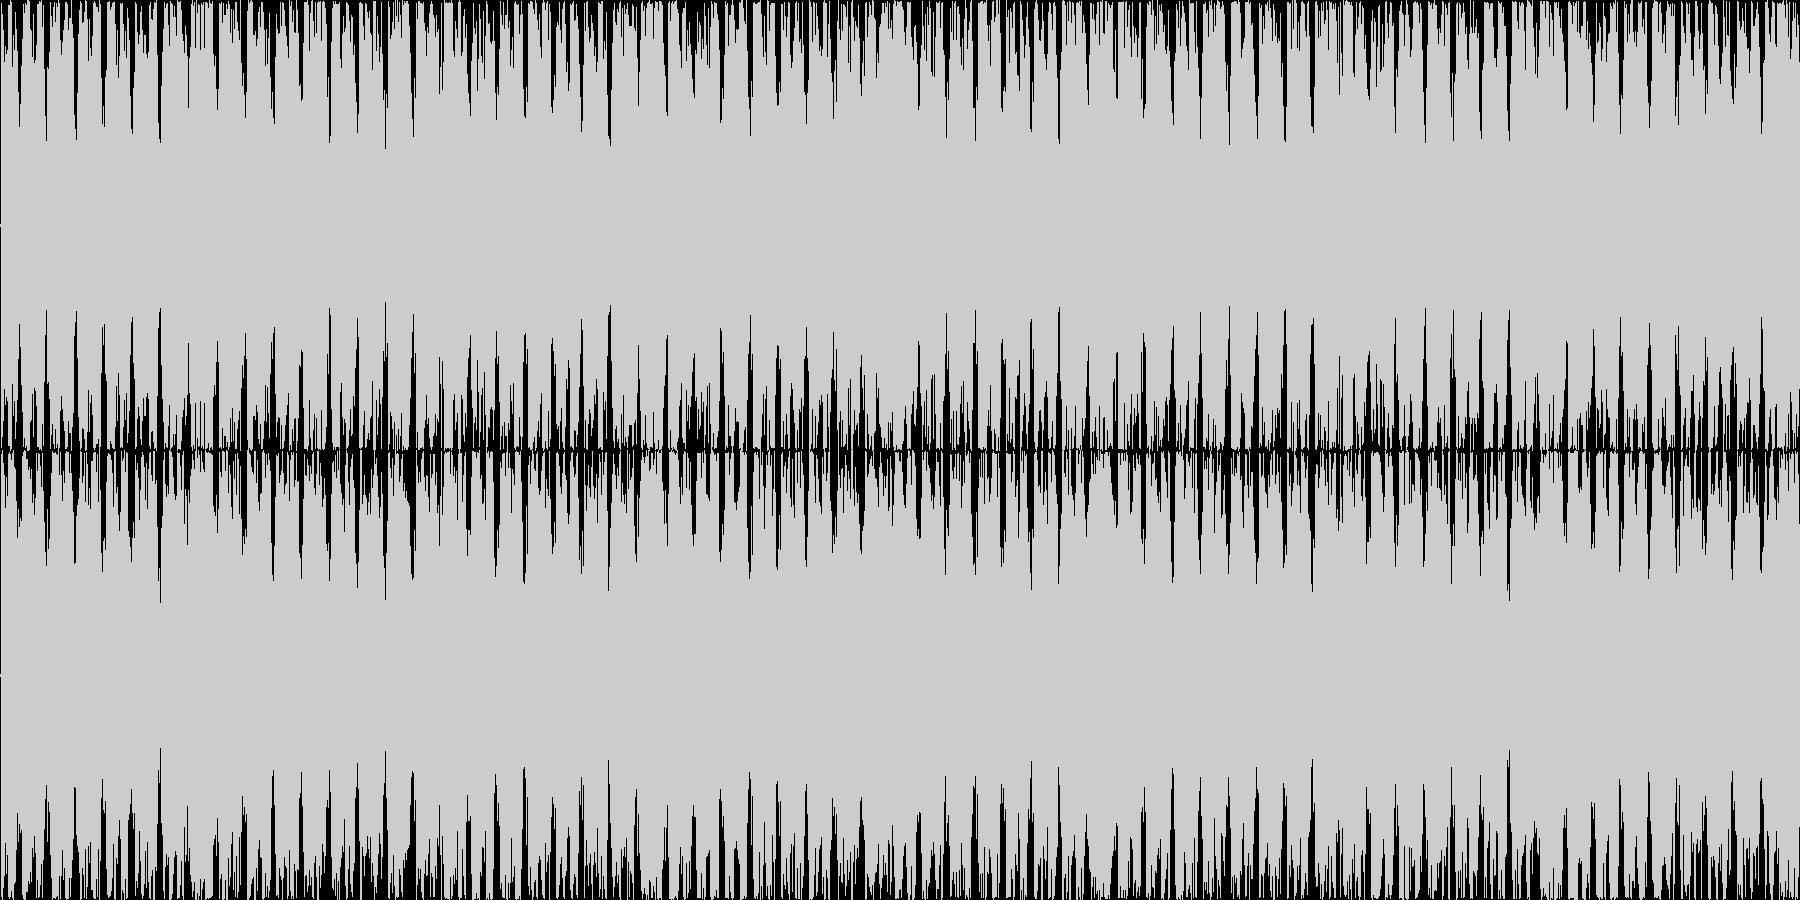 裏打ちのリズムのコミカルな曲ですの未再生の波形